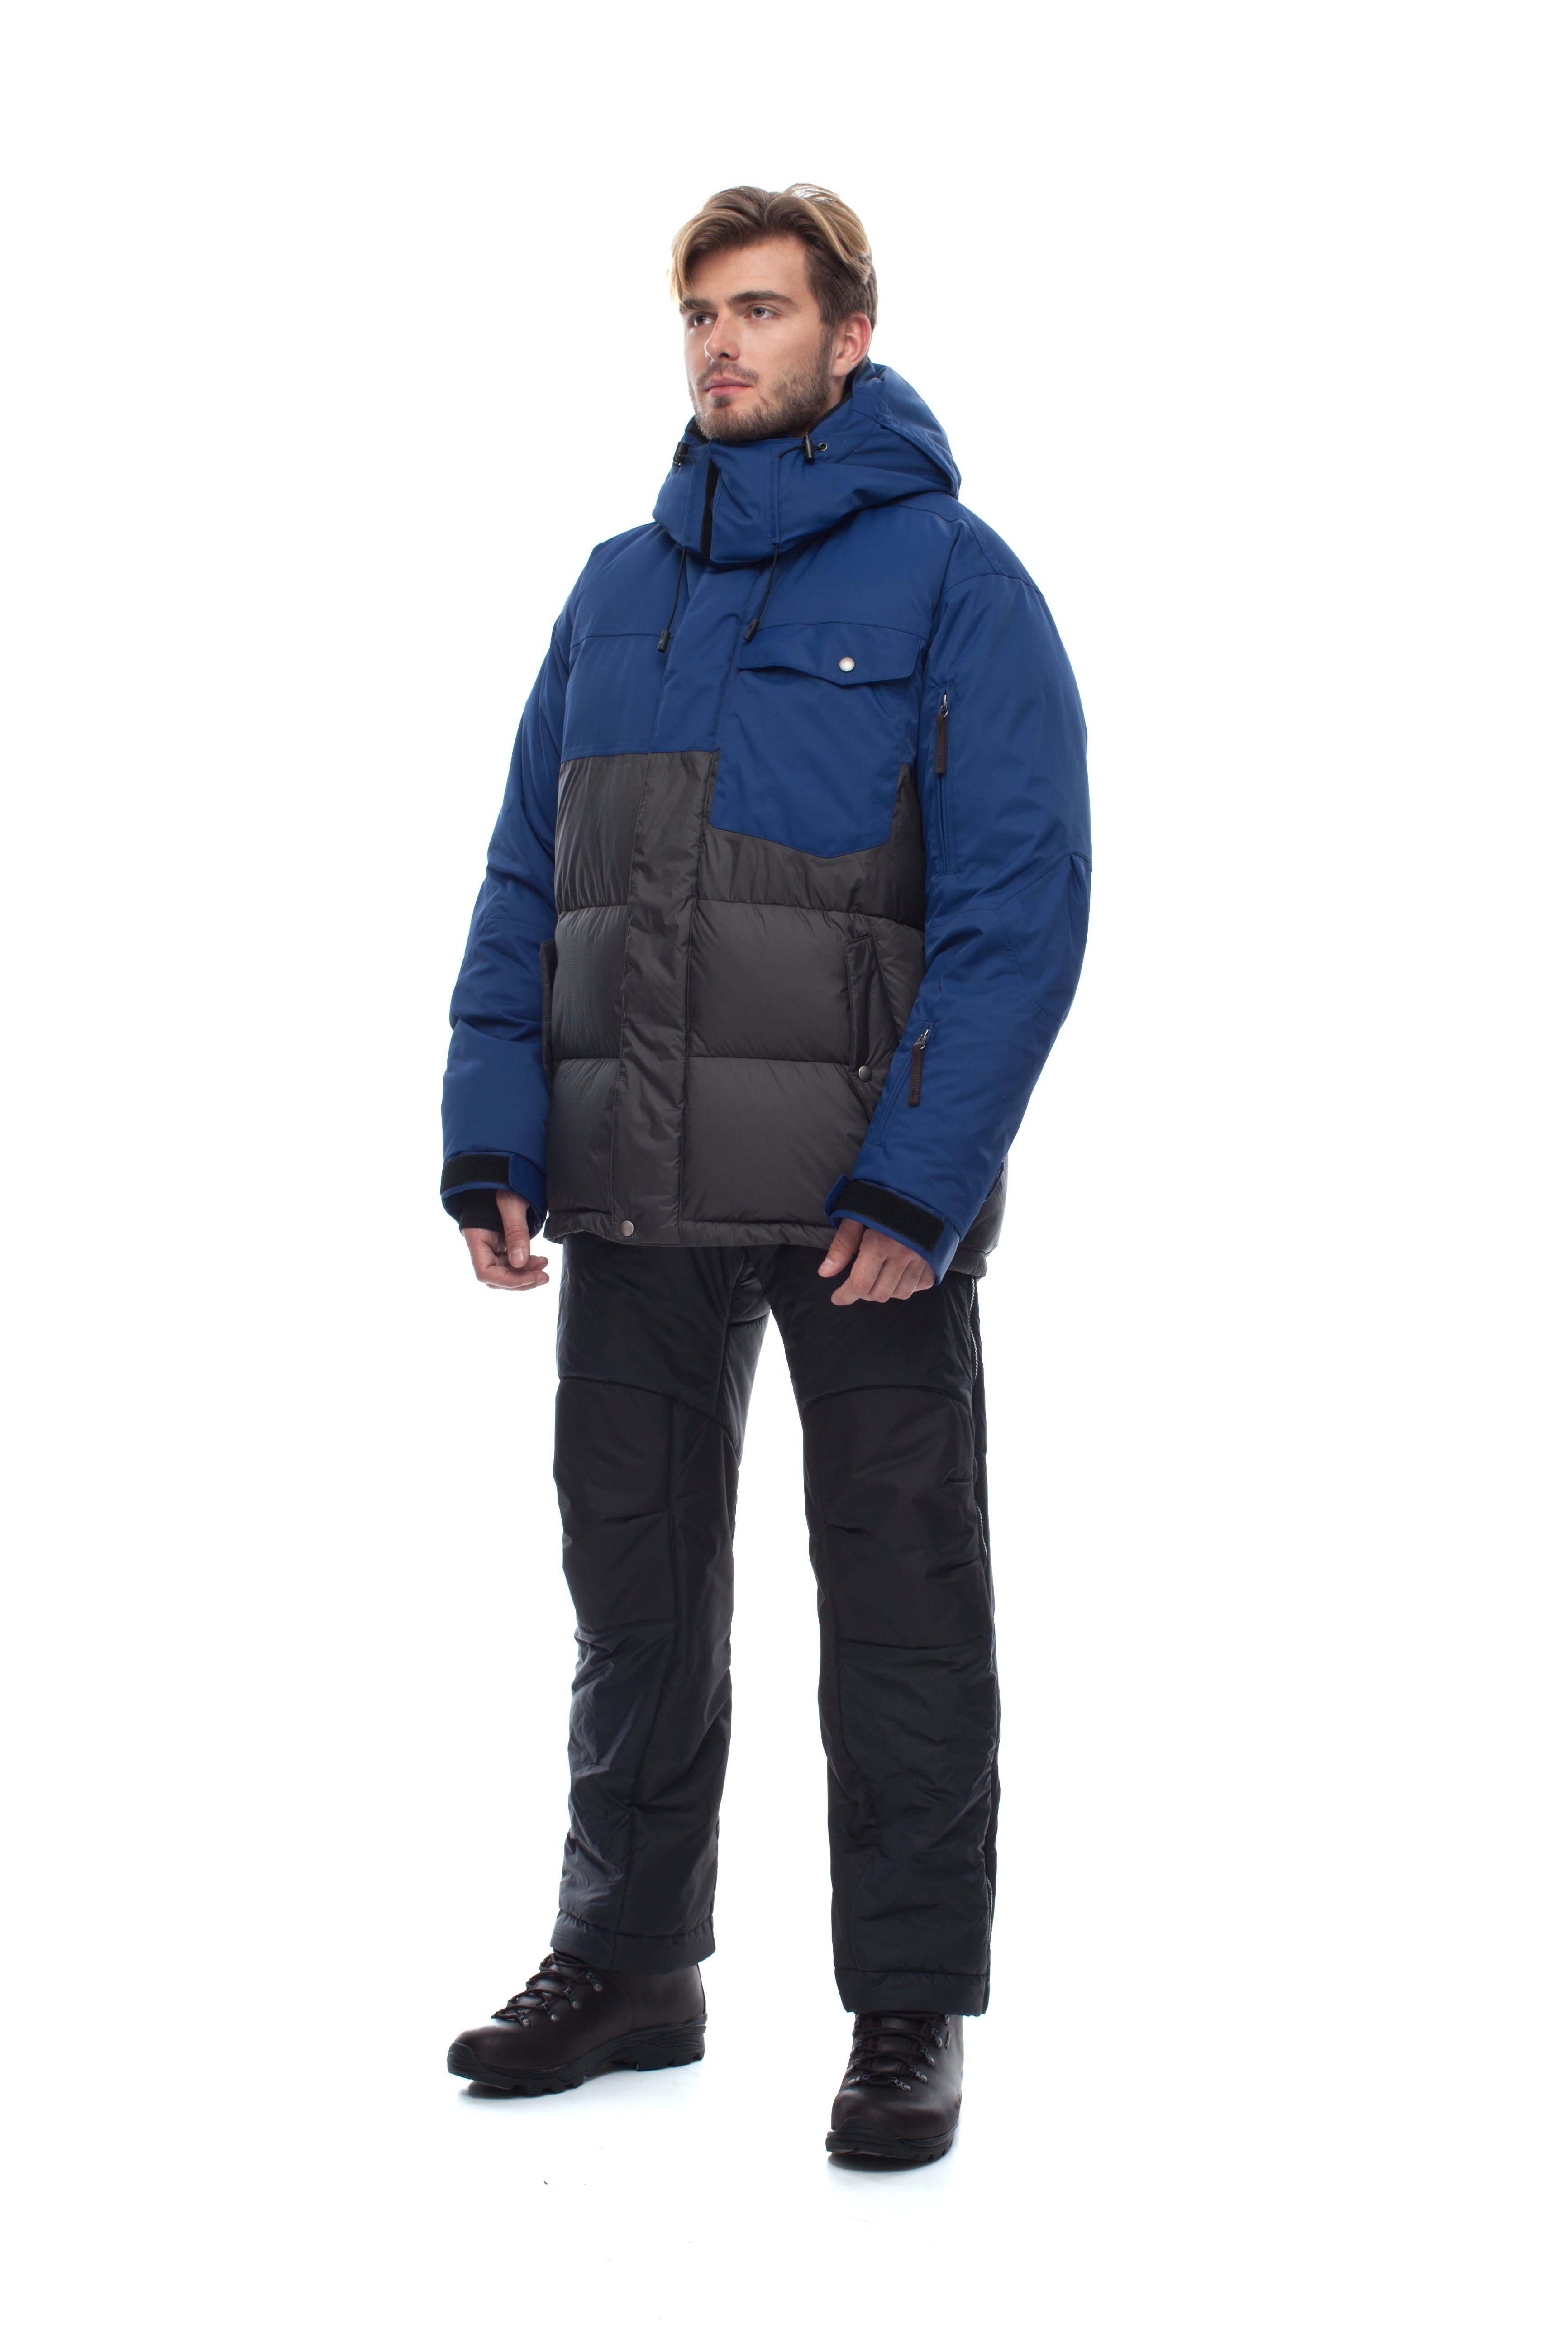 Пуховая куртка BASK NANDU 3893Куртки<br><br><br>&quot;Дышащие&quot; свойства: Да<br>Верхняя ткань: Advance® Ecliptic<br>Ветро-влагозащитные свойства верхней ткани: Да<br>Ветрозащитная планка: Нет<br>Ветрозащитная юбка: Да<br>Влагозащитные молнии: Нет<br>Внутренние манжеты: Да<br>Внутренняя ткань: Advance® Classic<br>Водонепроницаемость: 20000<br>Дублирующий центральную молнию клапан: Да<br>Защитный козырёк капюшона: Нет<br>Капюшон: Съемный<br>Карман для средств связи: Нет<br>Количество внешних карманов: 3<br>Количество внутренних карманов: 2<br>Мембрана: Да<br>Объемный крой локтевой зоны: Да<br>Отстёгивающиеся рукава: Нет<br>Паропроницаемость: 15000<br>Показатель Fill Power (для пуховых изделий): 650<br>Пол: Мужской<br>Проклейка швов: Да<br>Регулировка манжетов рукавов: Да<br>Регулировка низа: Да<br>Регулировка объёма капюшона: Да<br>Регулировка талии: Да<br>Регулируемые вентиляционные отверстия: Да<br>Световозвращающая лента: Нет<br>Температурный режим: -25<br>Технология Thermal Welding: Нет<br>Усиление контактных зон: Нет<br>Утеплитель: Гусиный пух<br>Размер INT: L<br>Цвет: НЕИЗВЕСТНЫЙ